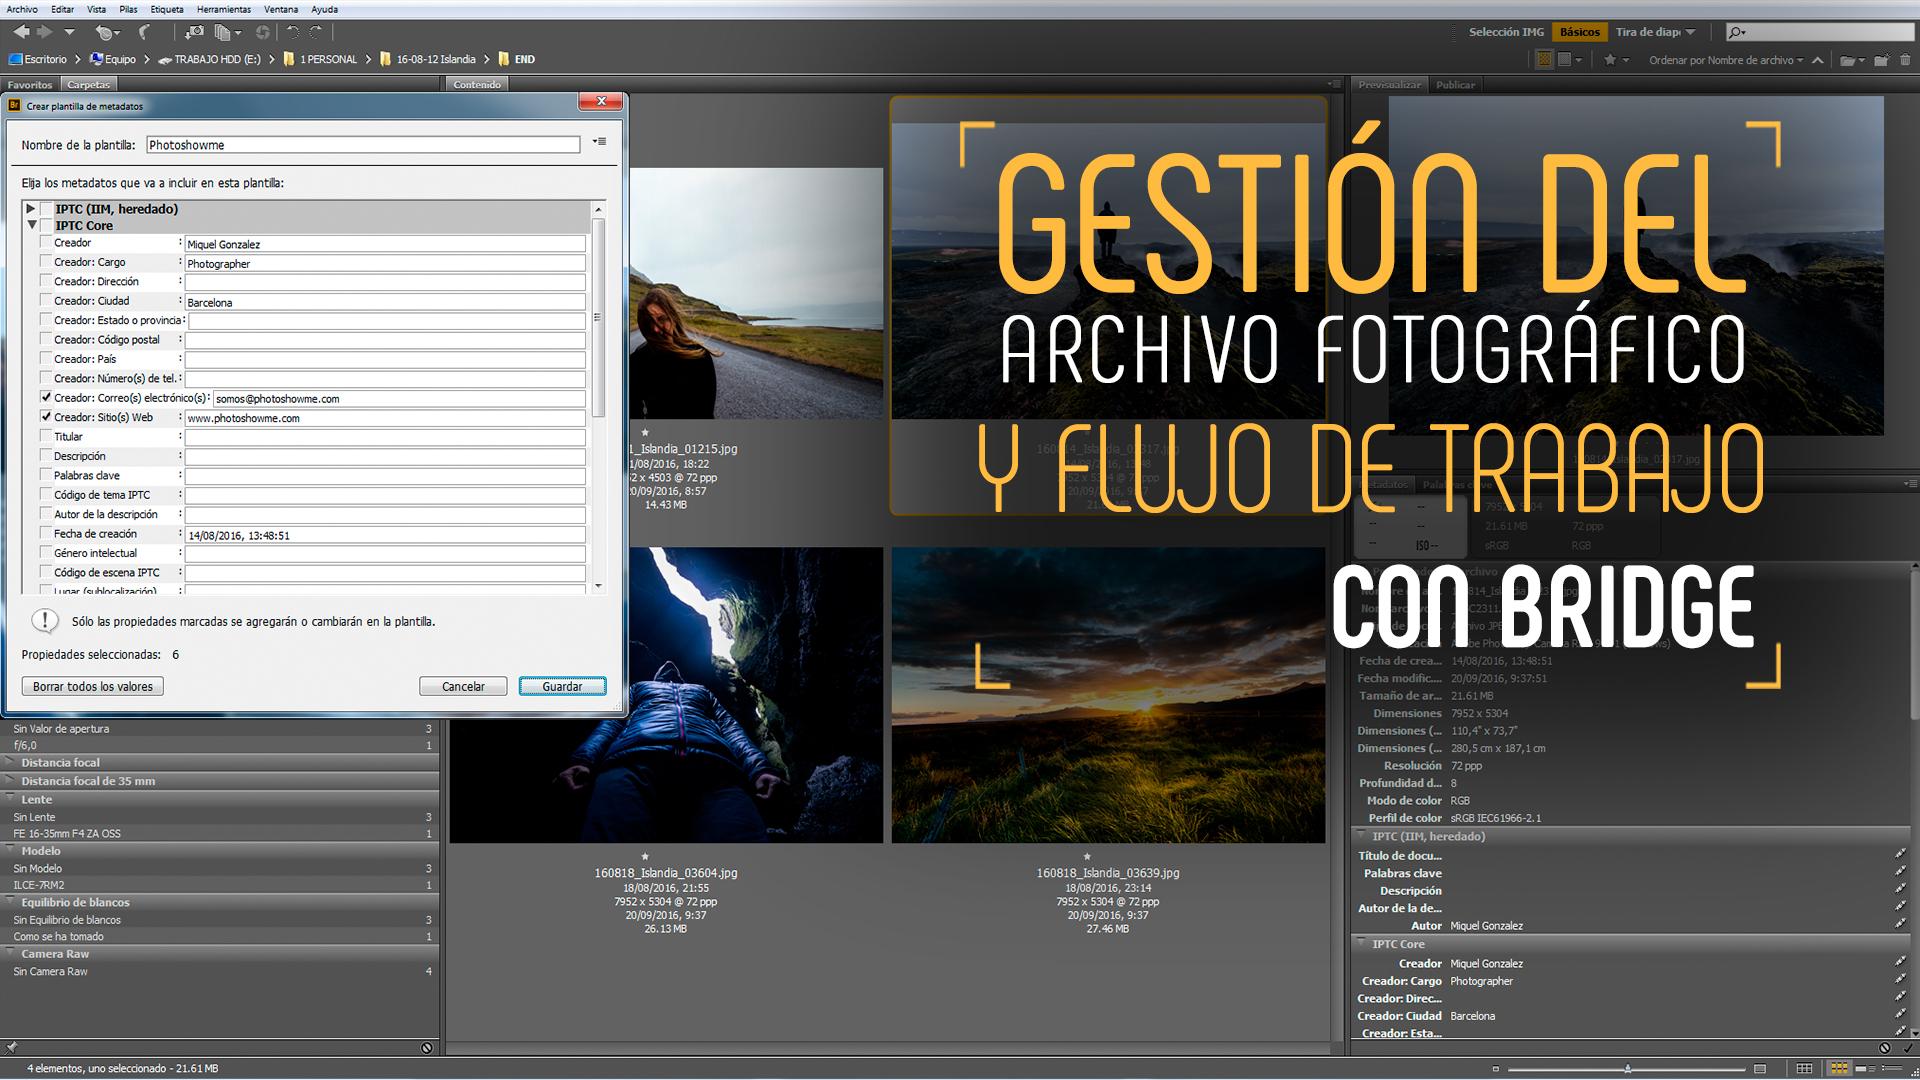 Gestión del archivo fotográfico con Adobe Bridge